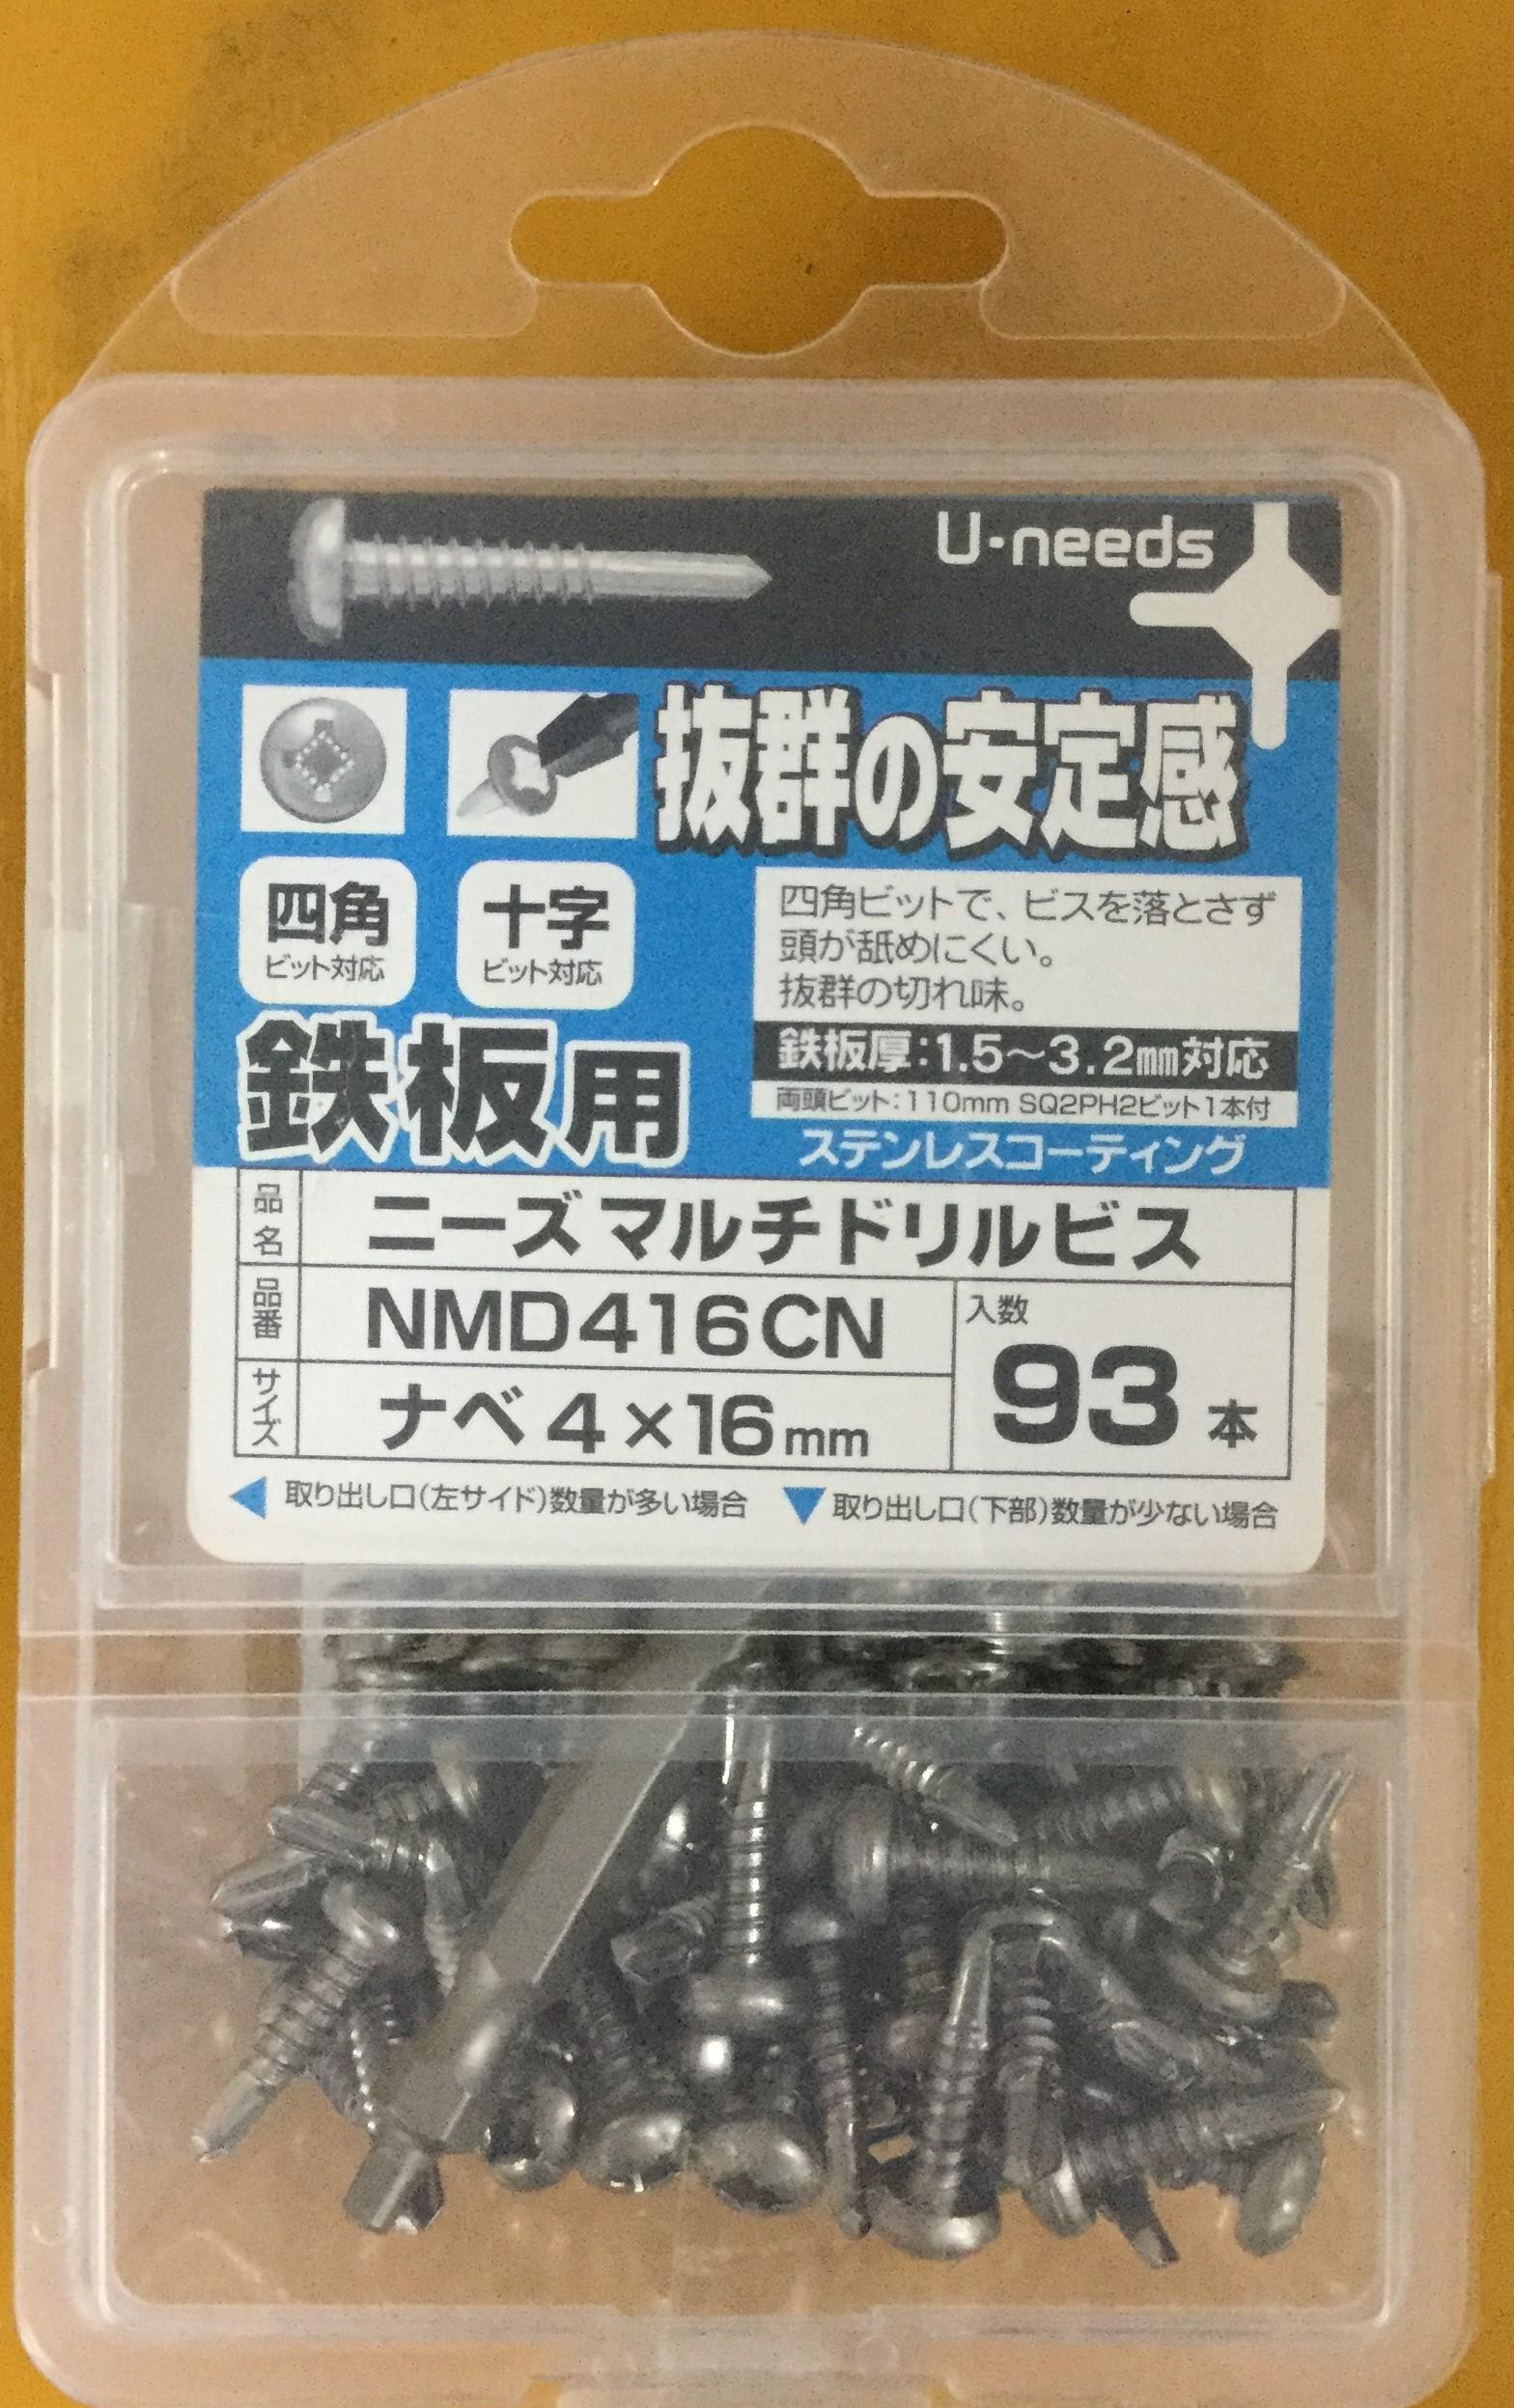 格安激安 1.6mm~3.2mmまでの鉄板に 下穴なしで打ち込めるマルチドリルビス マルチドリルビスNMD416CN プロ用 高級 春の新作 ユ 鉄板ビス ニーズ2020